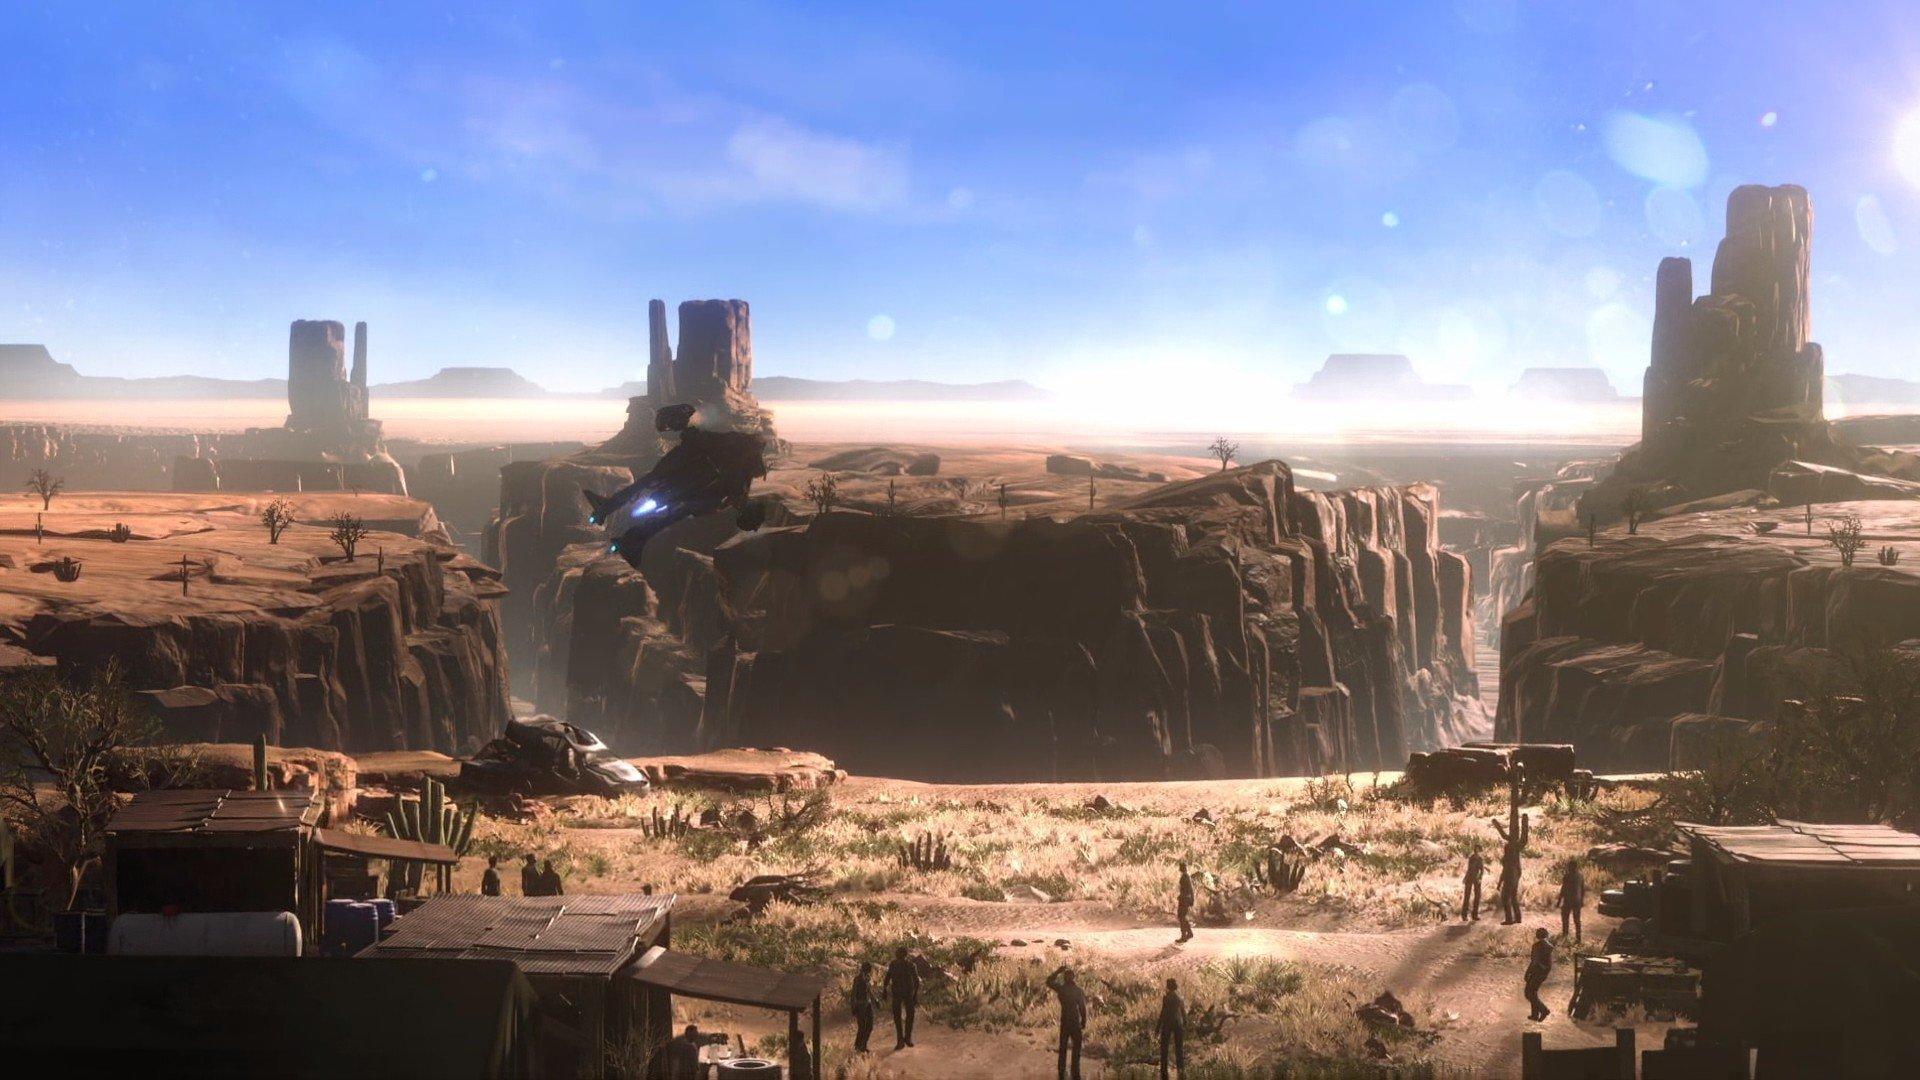 И снова спасать планету приходится Канобу [Xcom2] Часть1 - Изображение 1